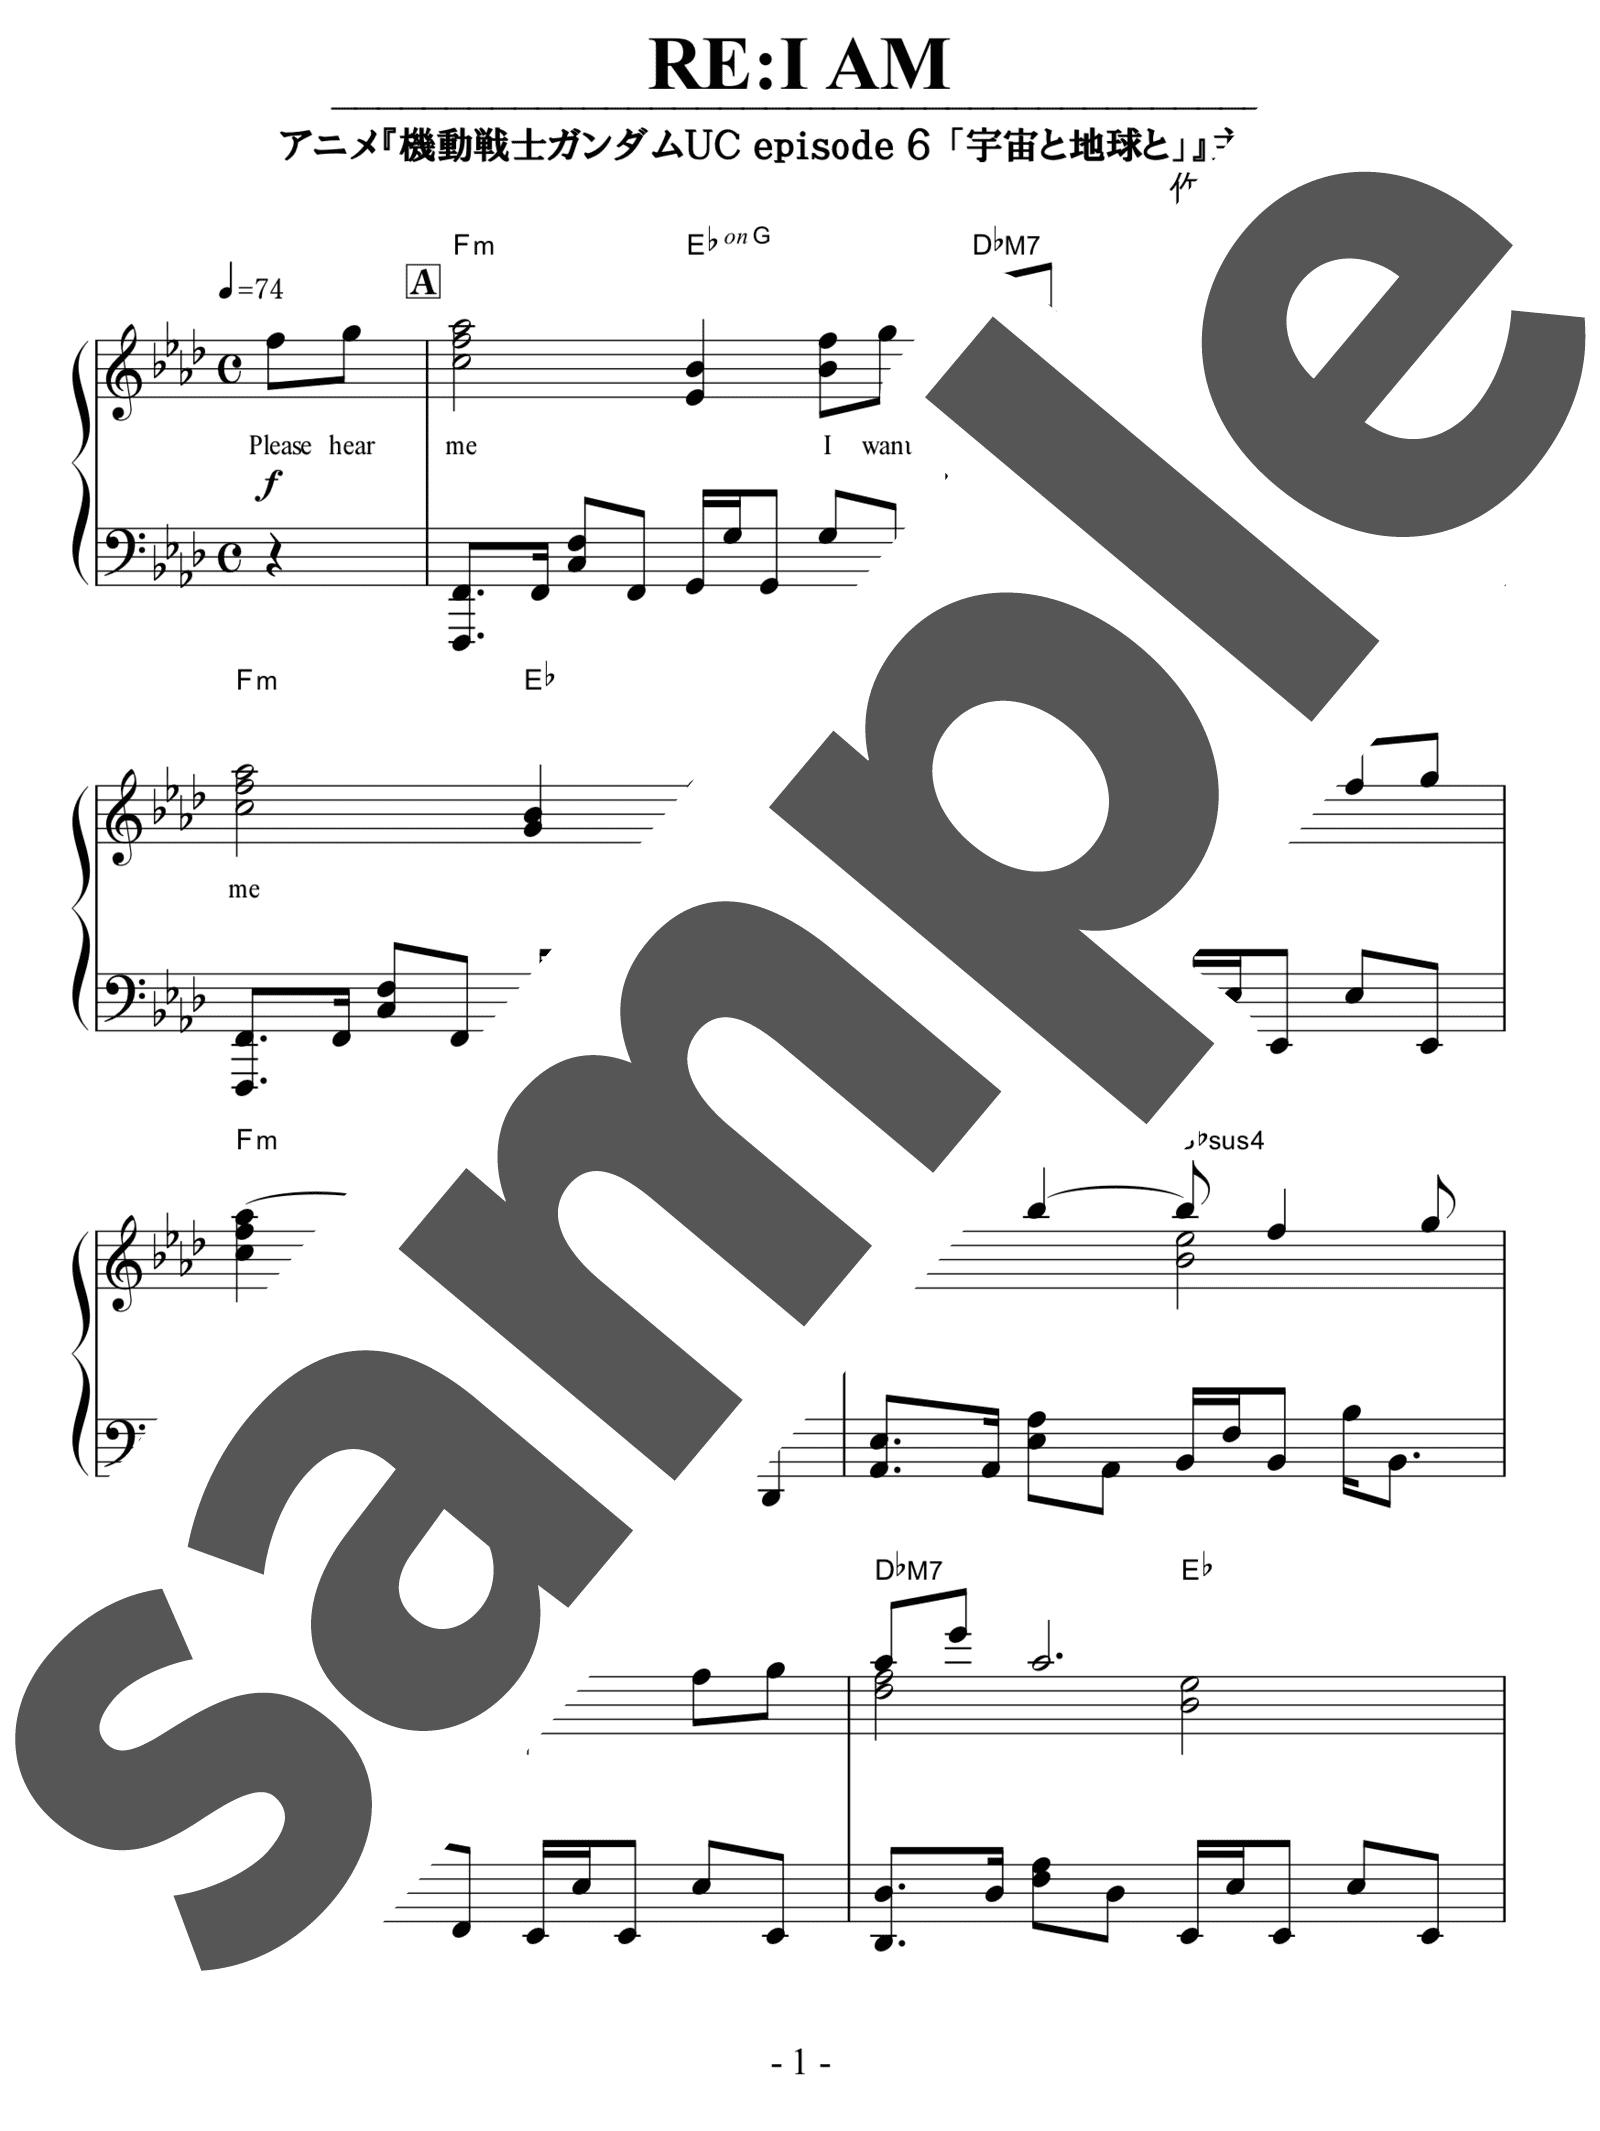 「RE:I AM」のサンプル楽譜